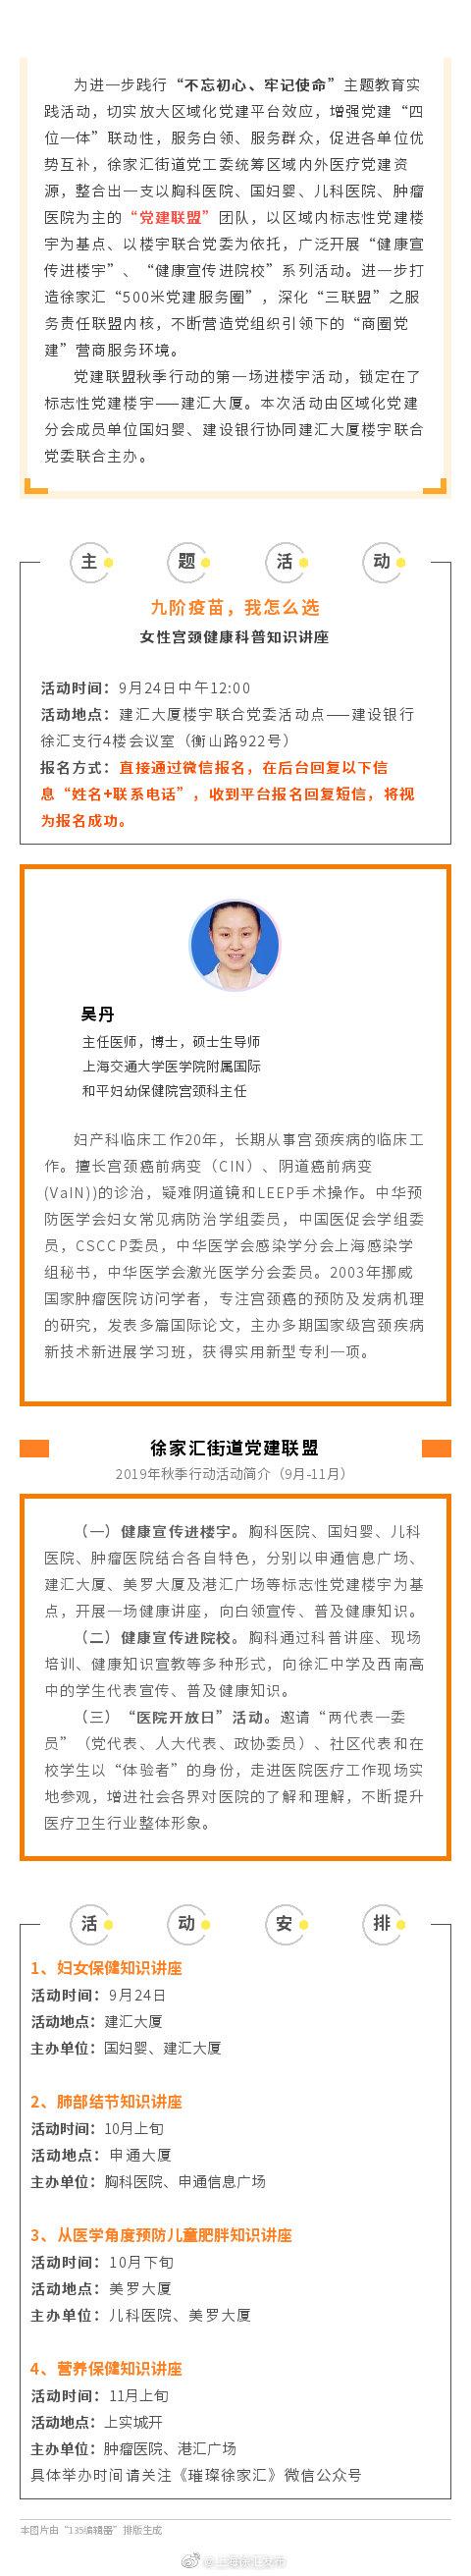 """徐家汇""""党建联盟""""首场讲座报名啦"""